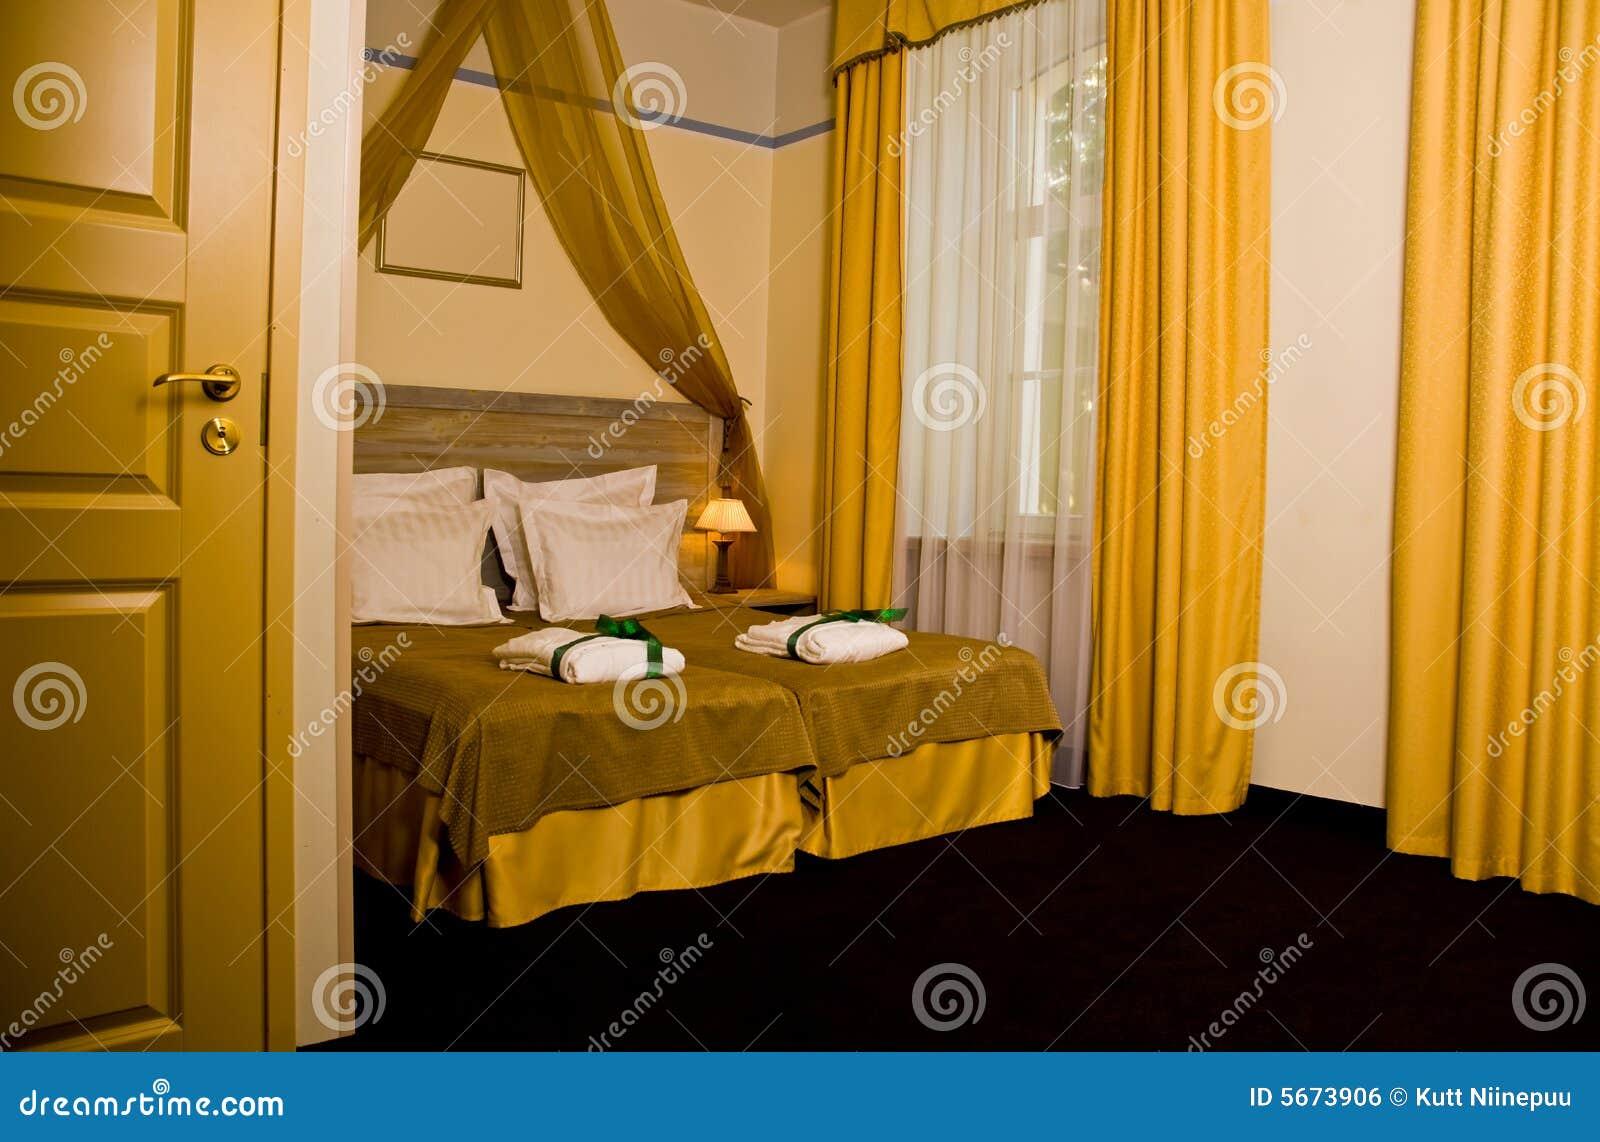 geel gordijn